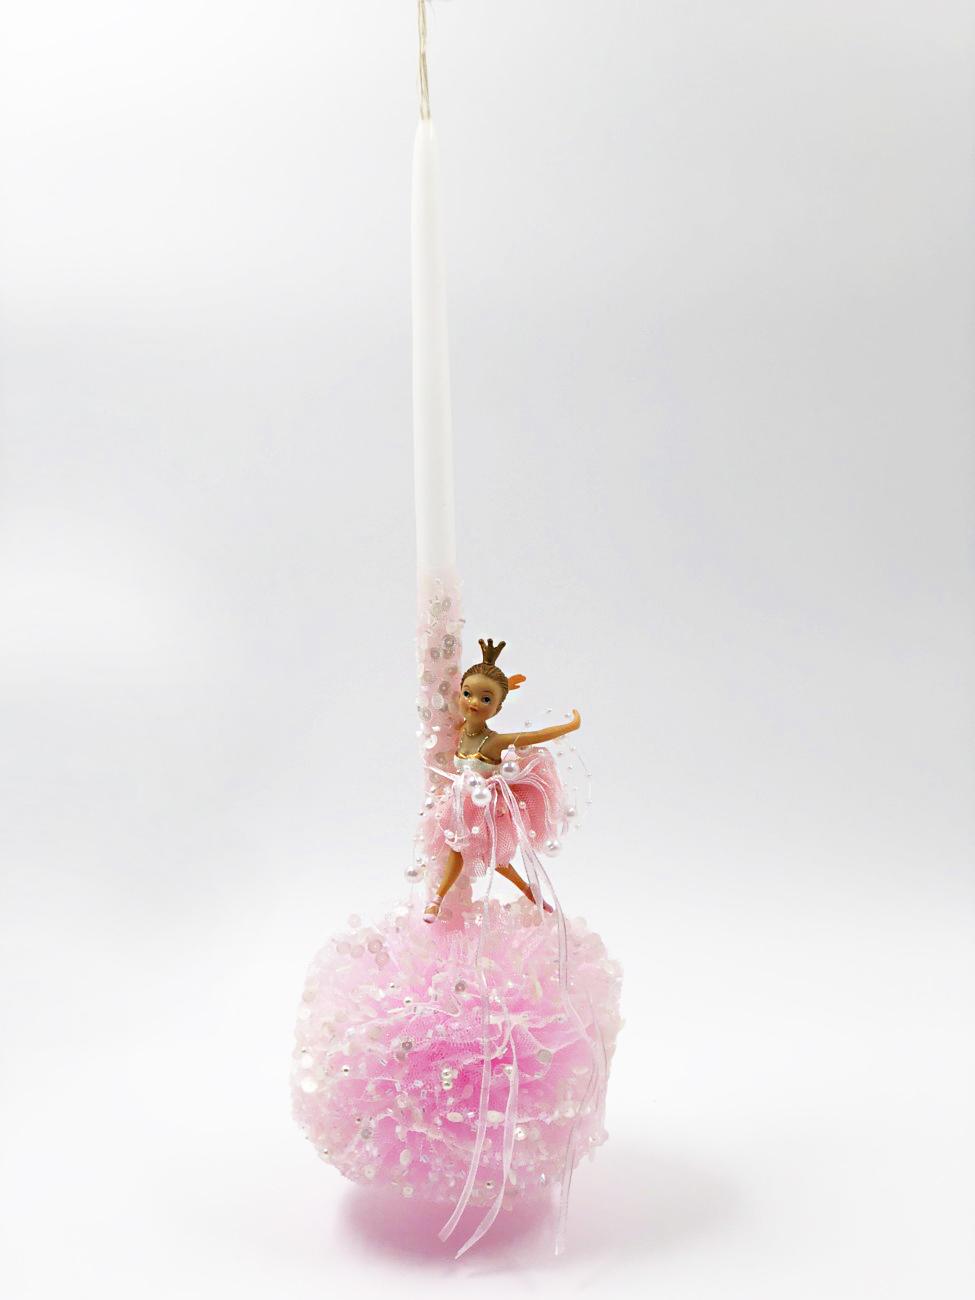 Λαμπάδα ροζ μικρή μπαλαρίνα